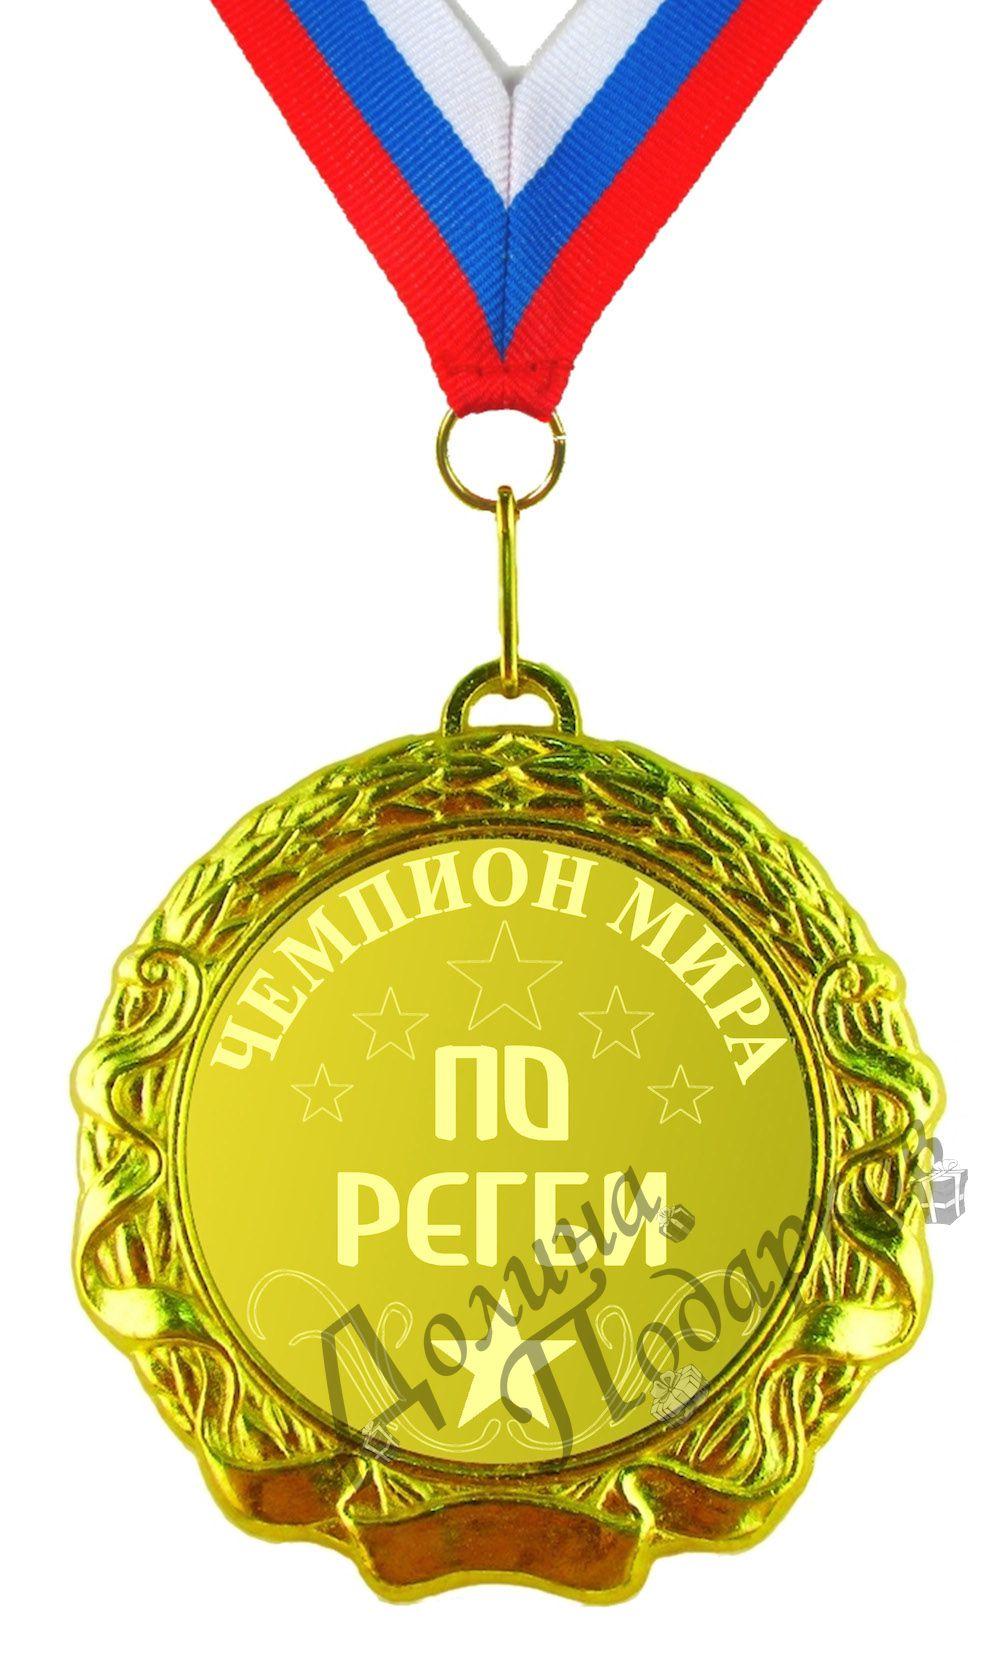 Купить Медаль *Чемпион мира по регби* в интернет-магазине подарков. Огромный выбор необычных подарков и сувениров широкого ценового диапазона!